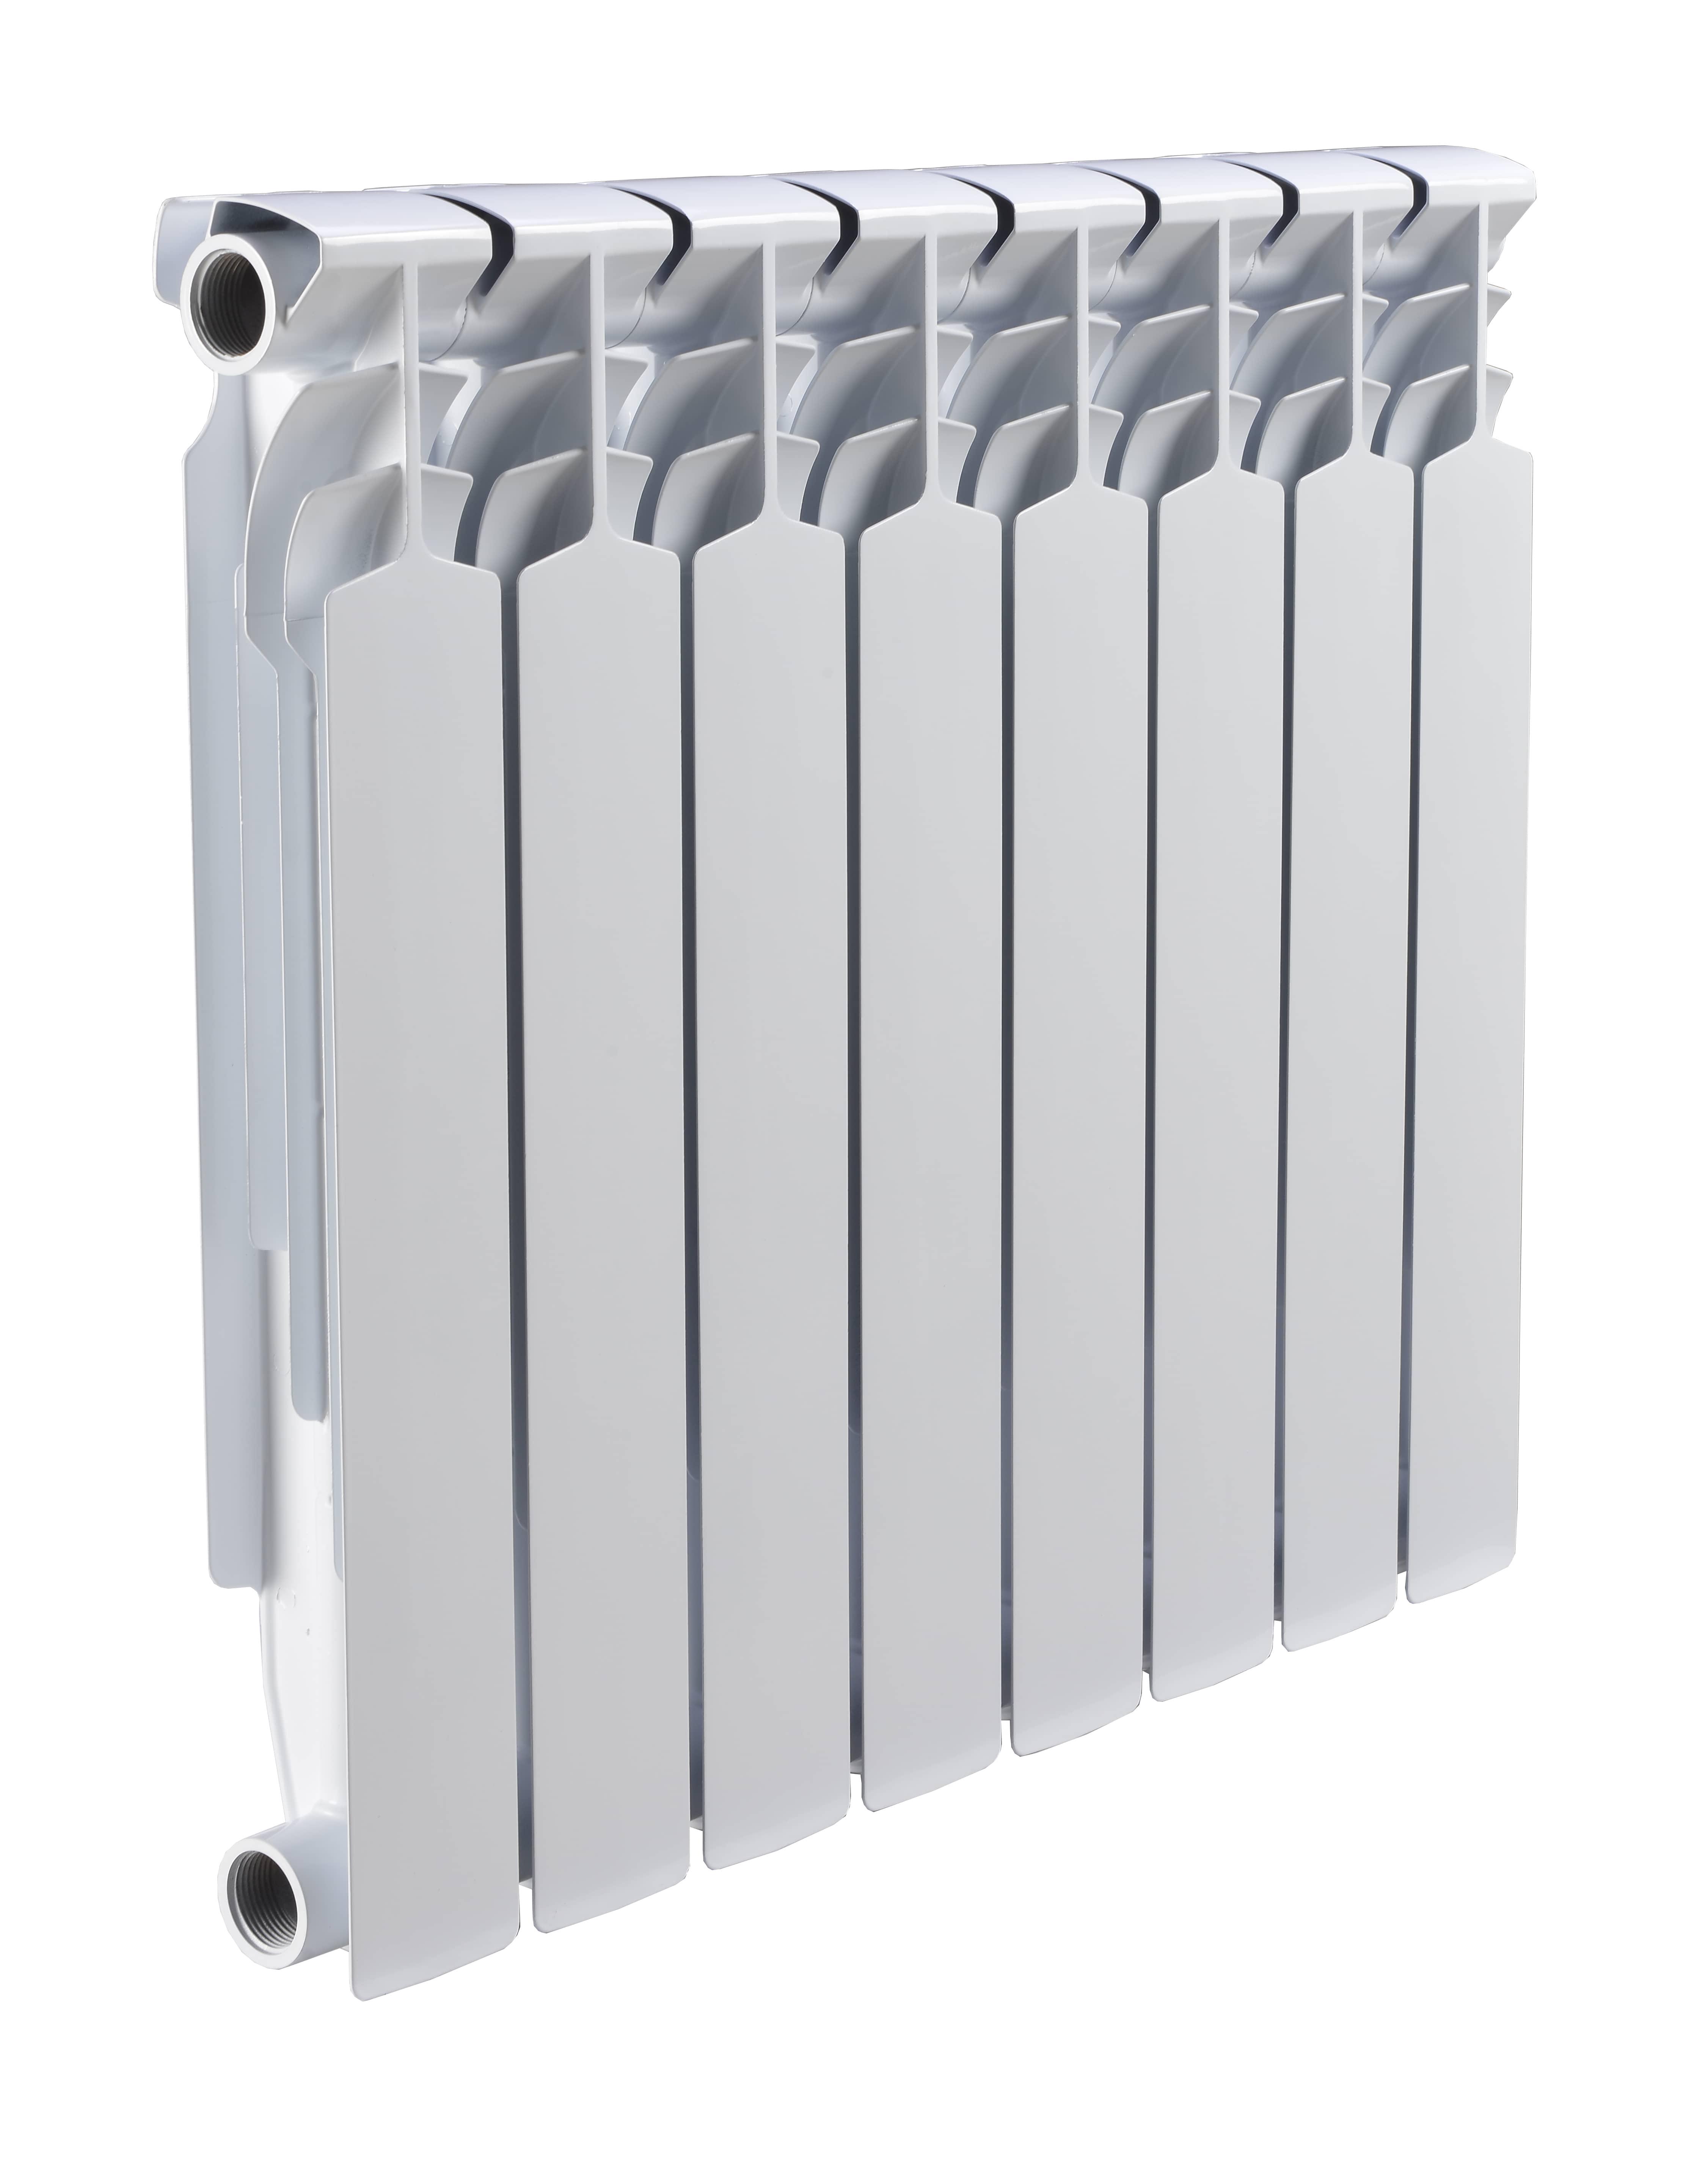 Радиатор алюминиевый Ecoflow 60 AL 500/14